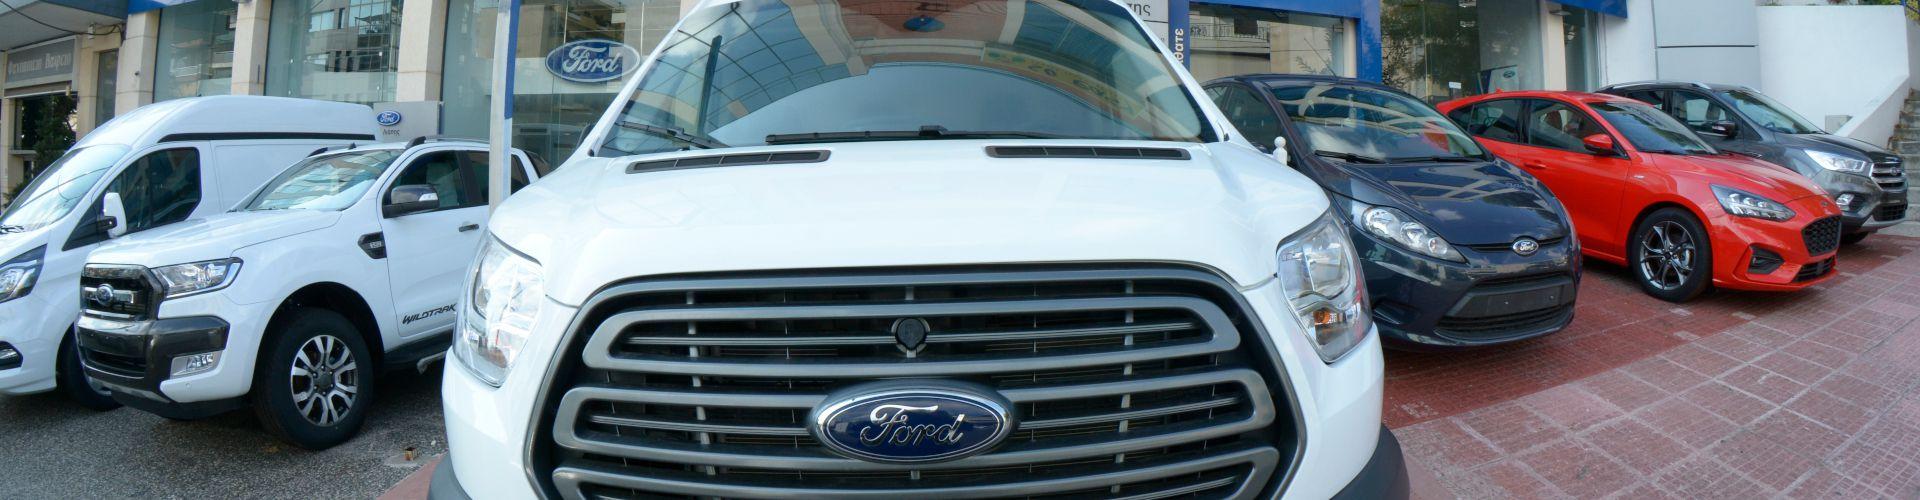 Εταιρία - ΑΦΟΙ Λιάπης - Αντιπροσωπεία Ford